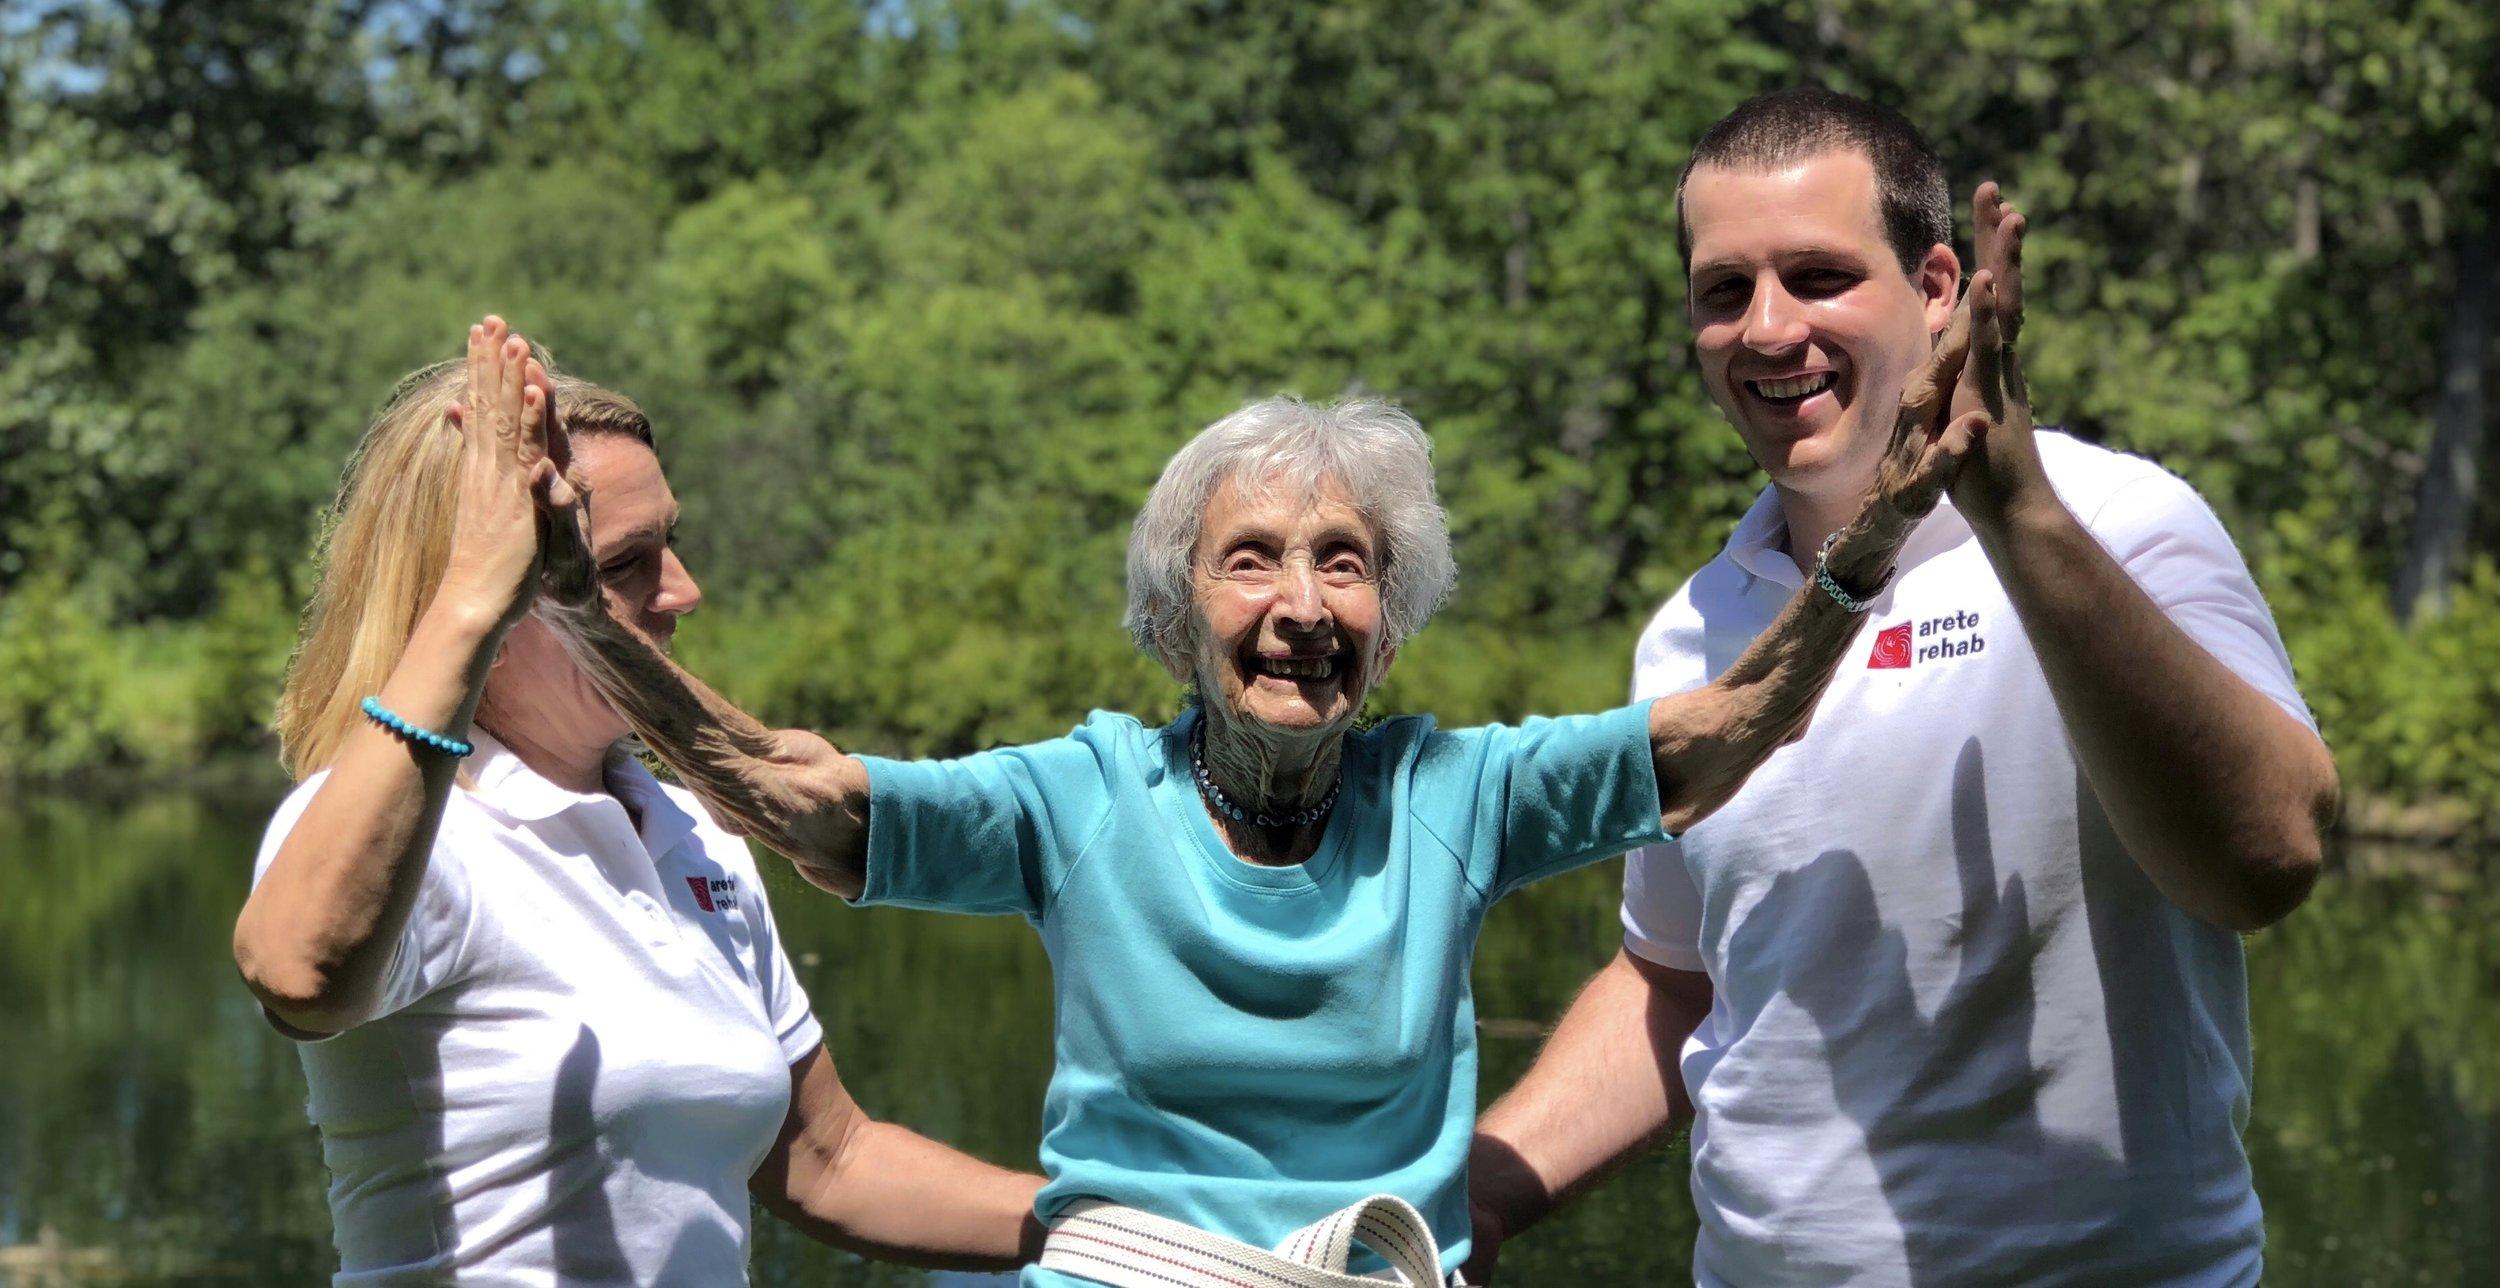 Arete Rehab is redefining successul aging.